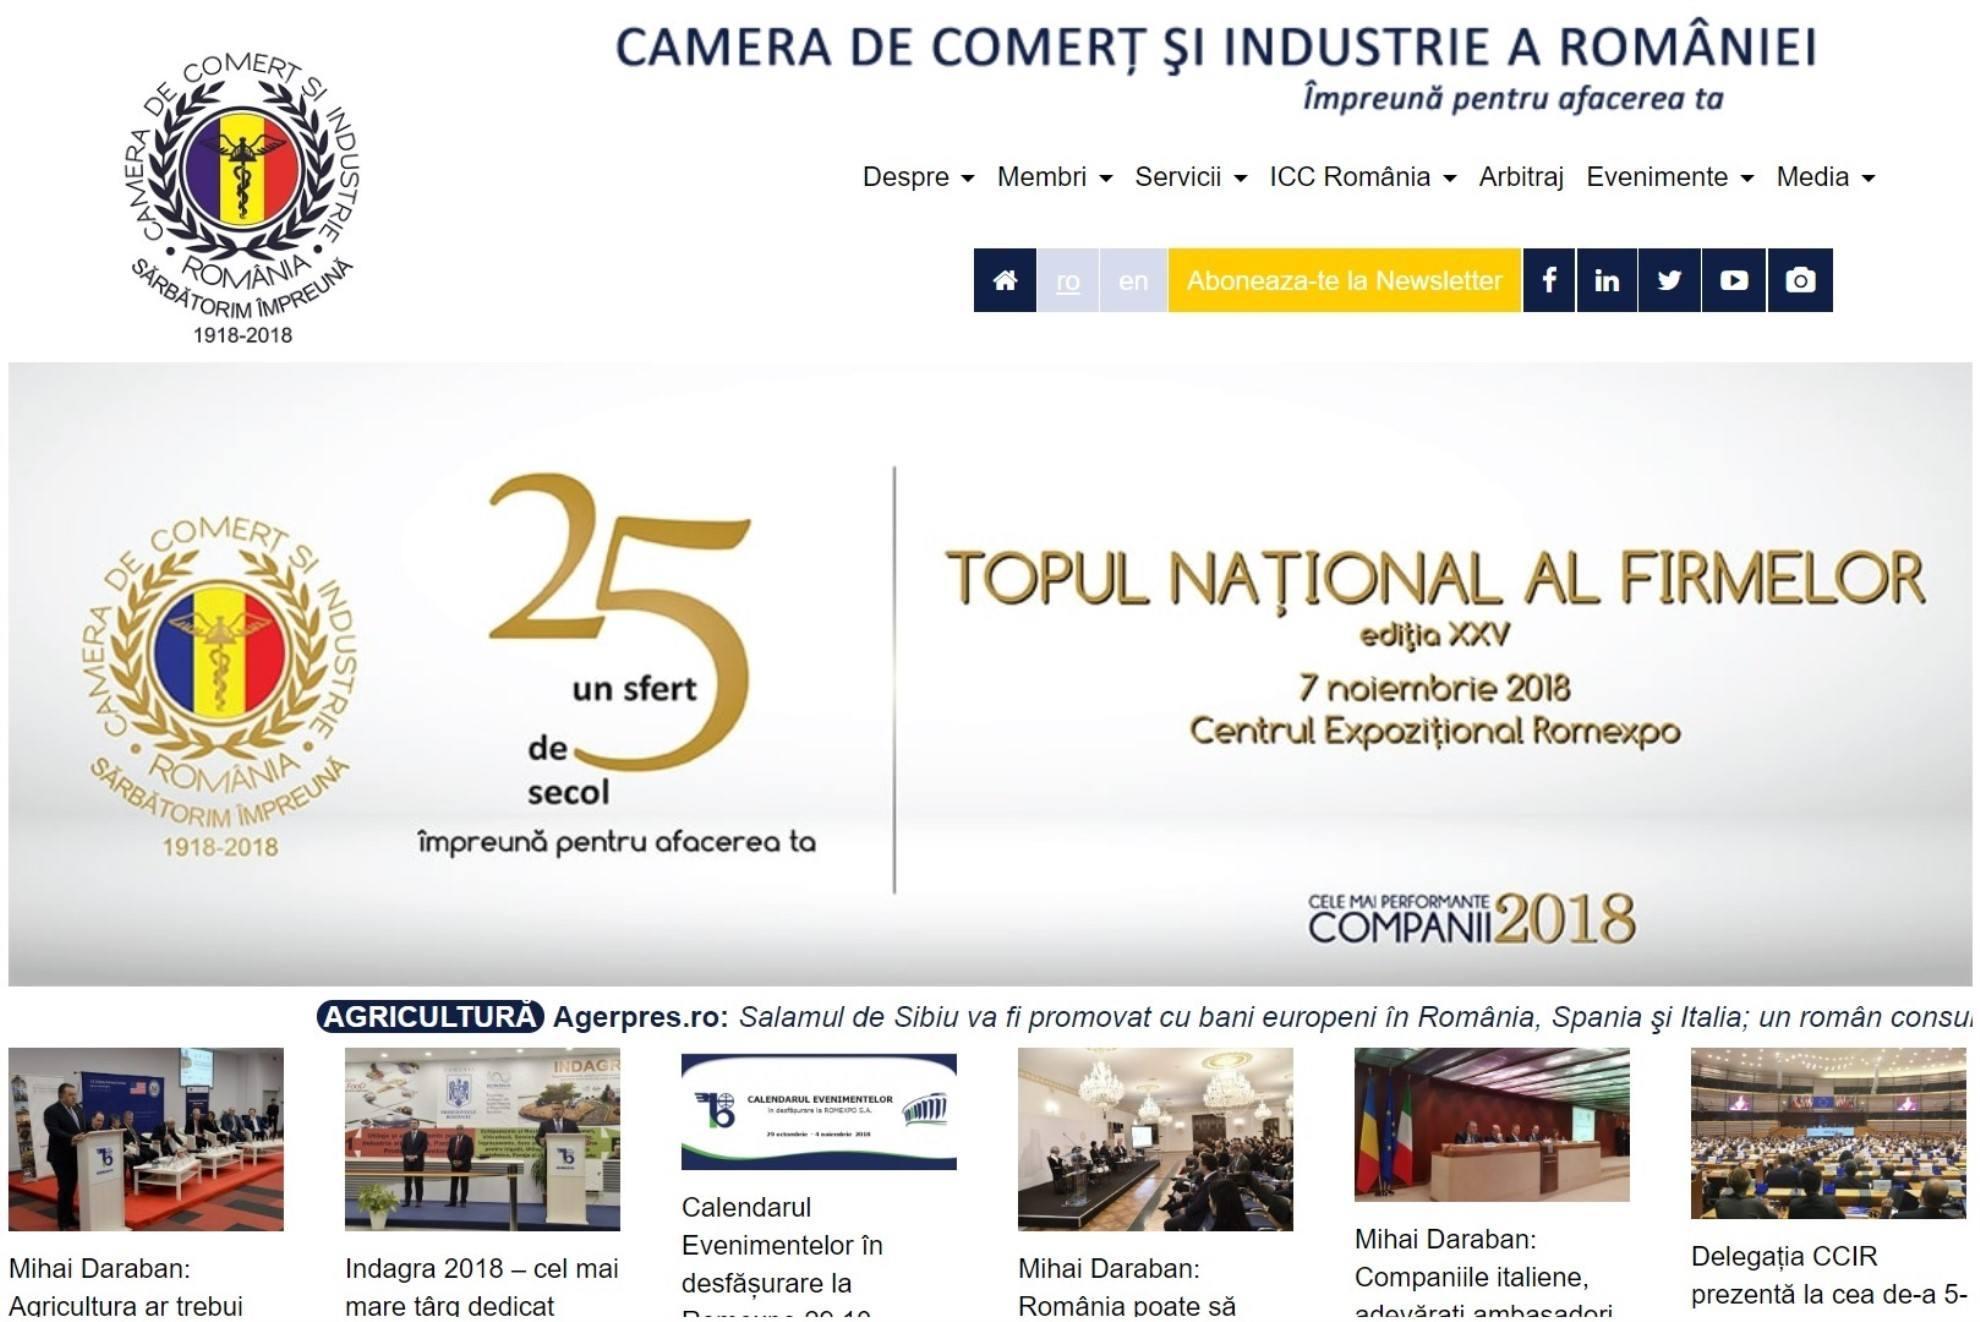 Camera de Comerț și Industrie a României - CCIR